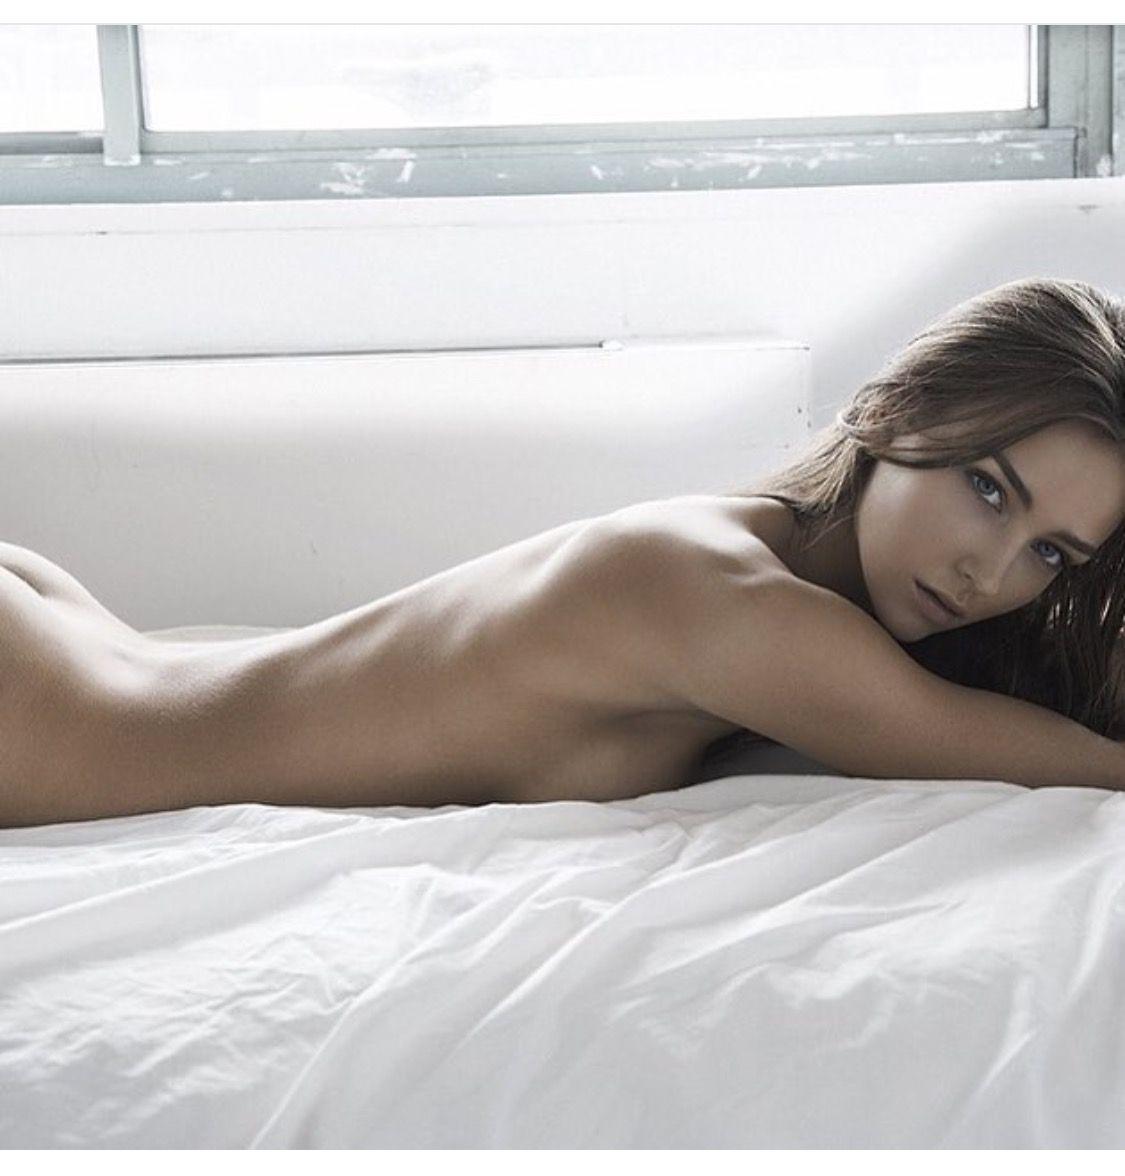 Rachel Cook (ಠ_ರೃ)